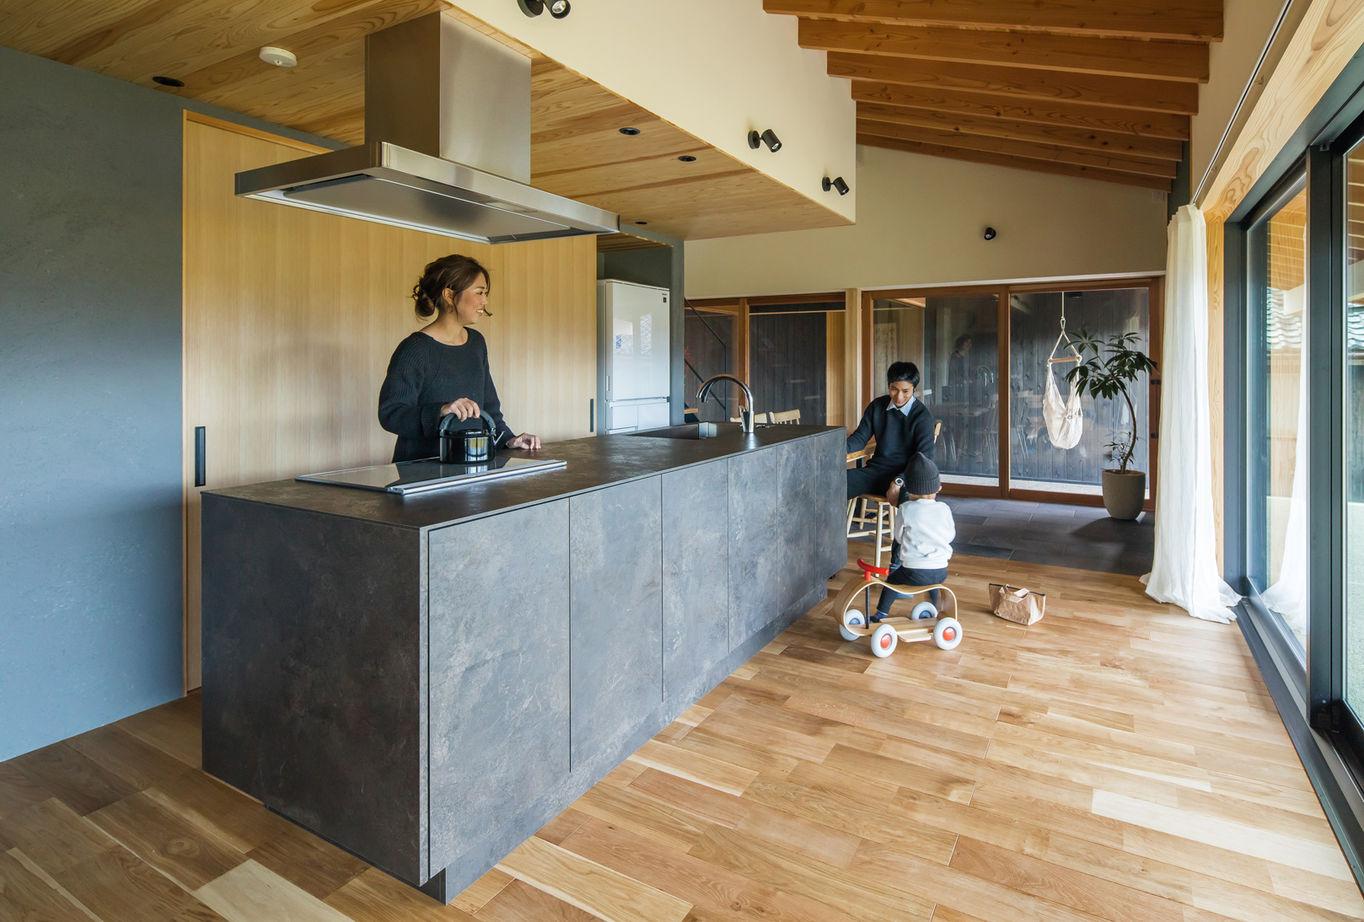 室内でありながら外の雰囲気を楽しめて、家族が心からくつろげる「風景を取り込む家」画像3